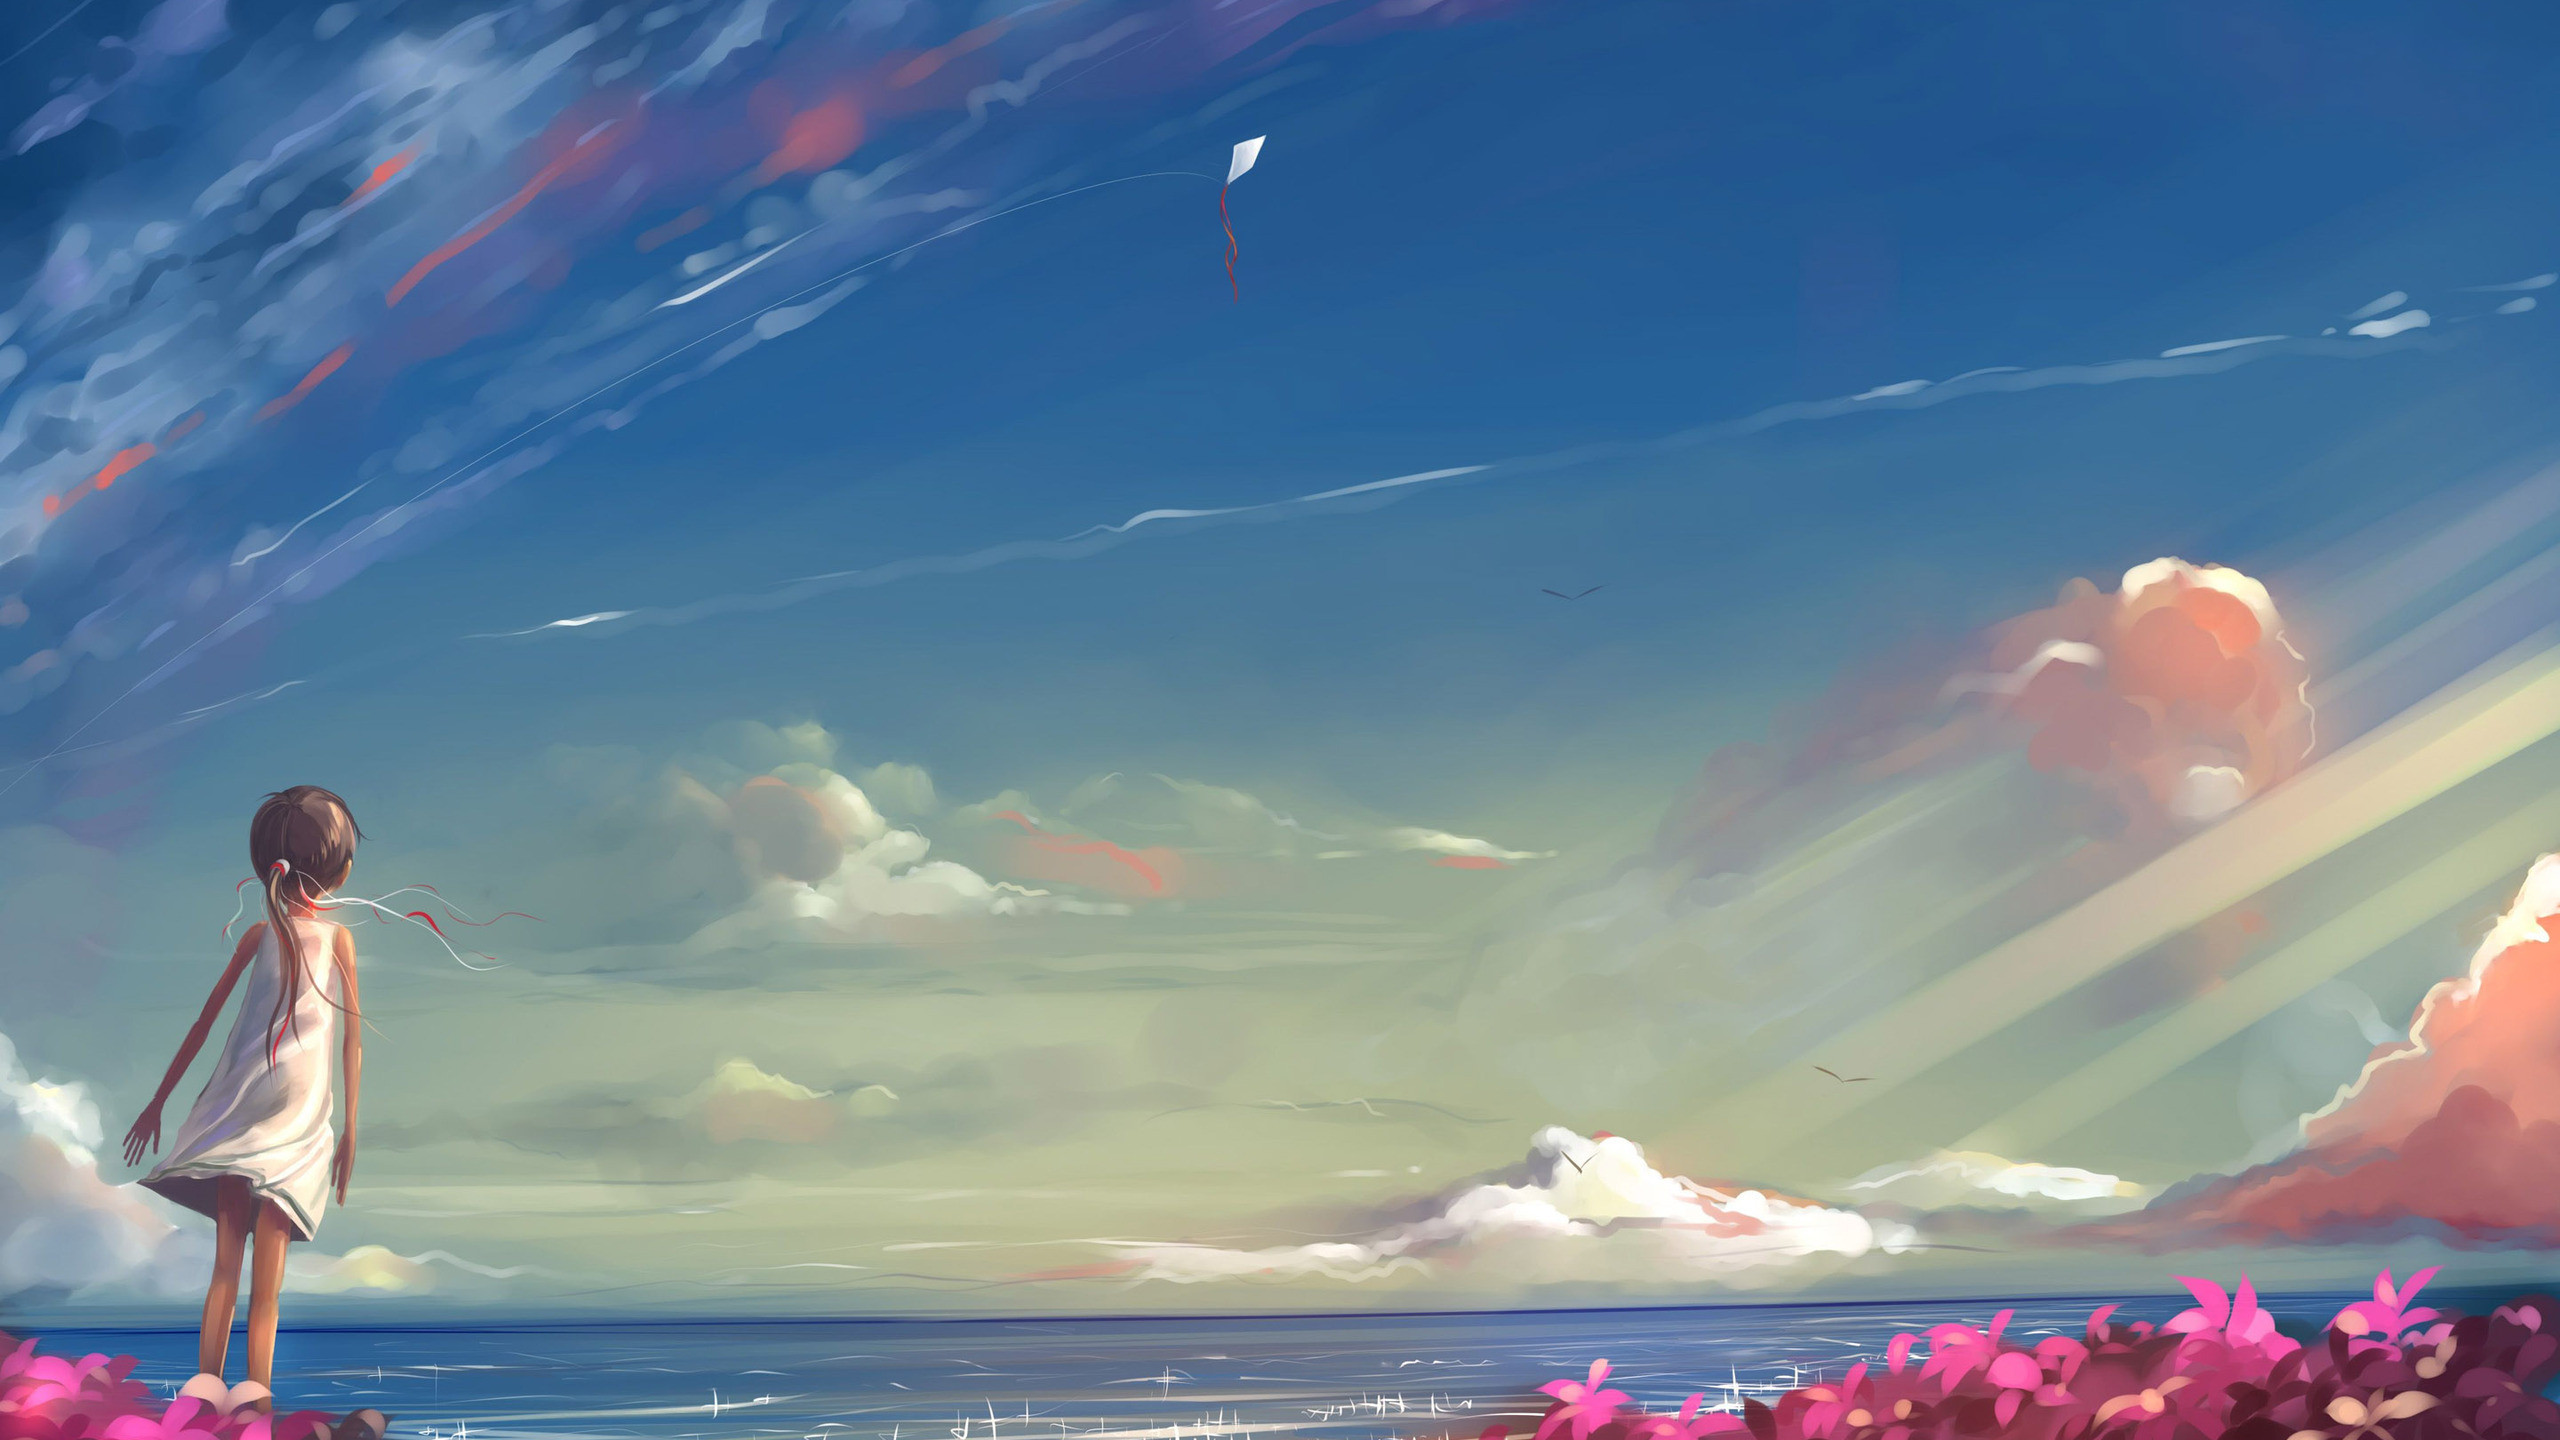 Anime Girl Anime Clouds Anime Sky Wallpaper